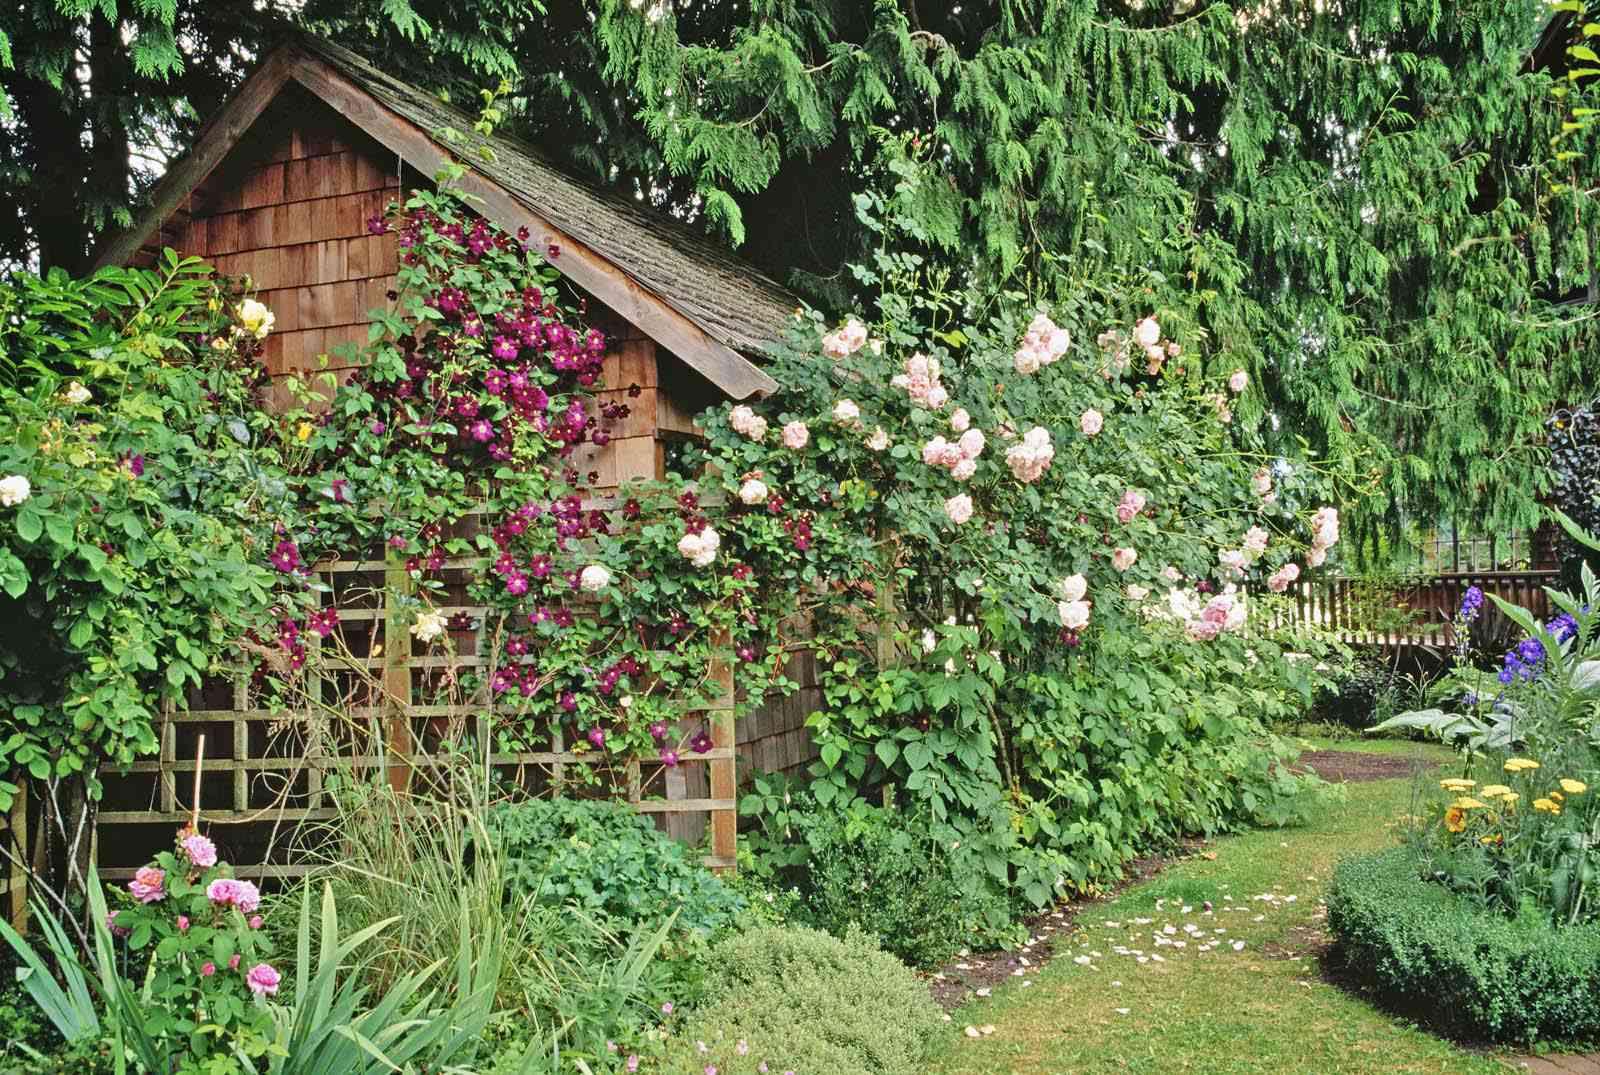 Trellised Cottage